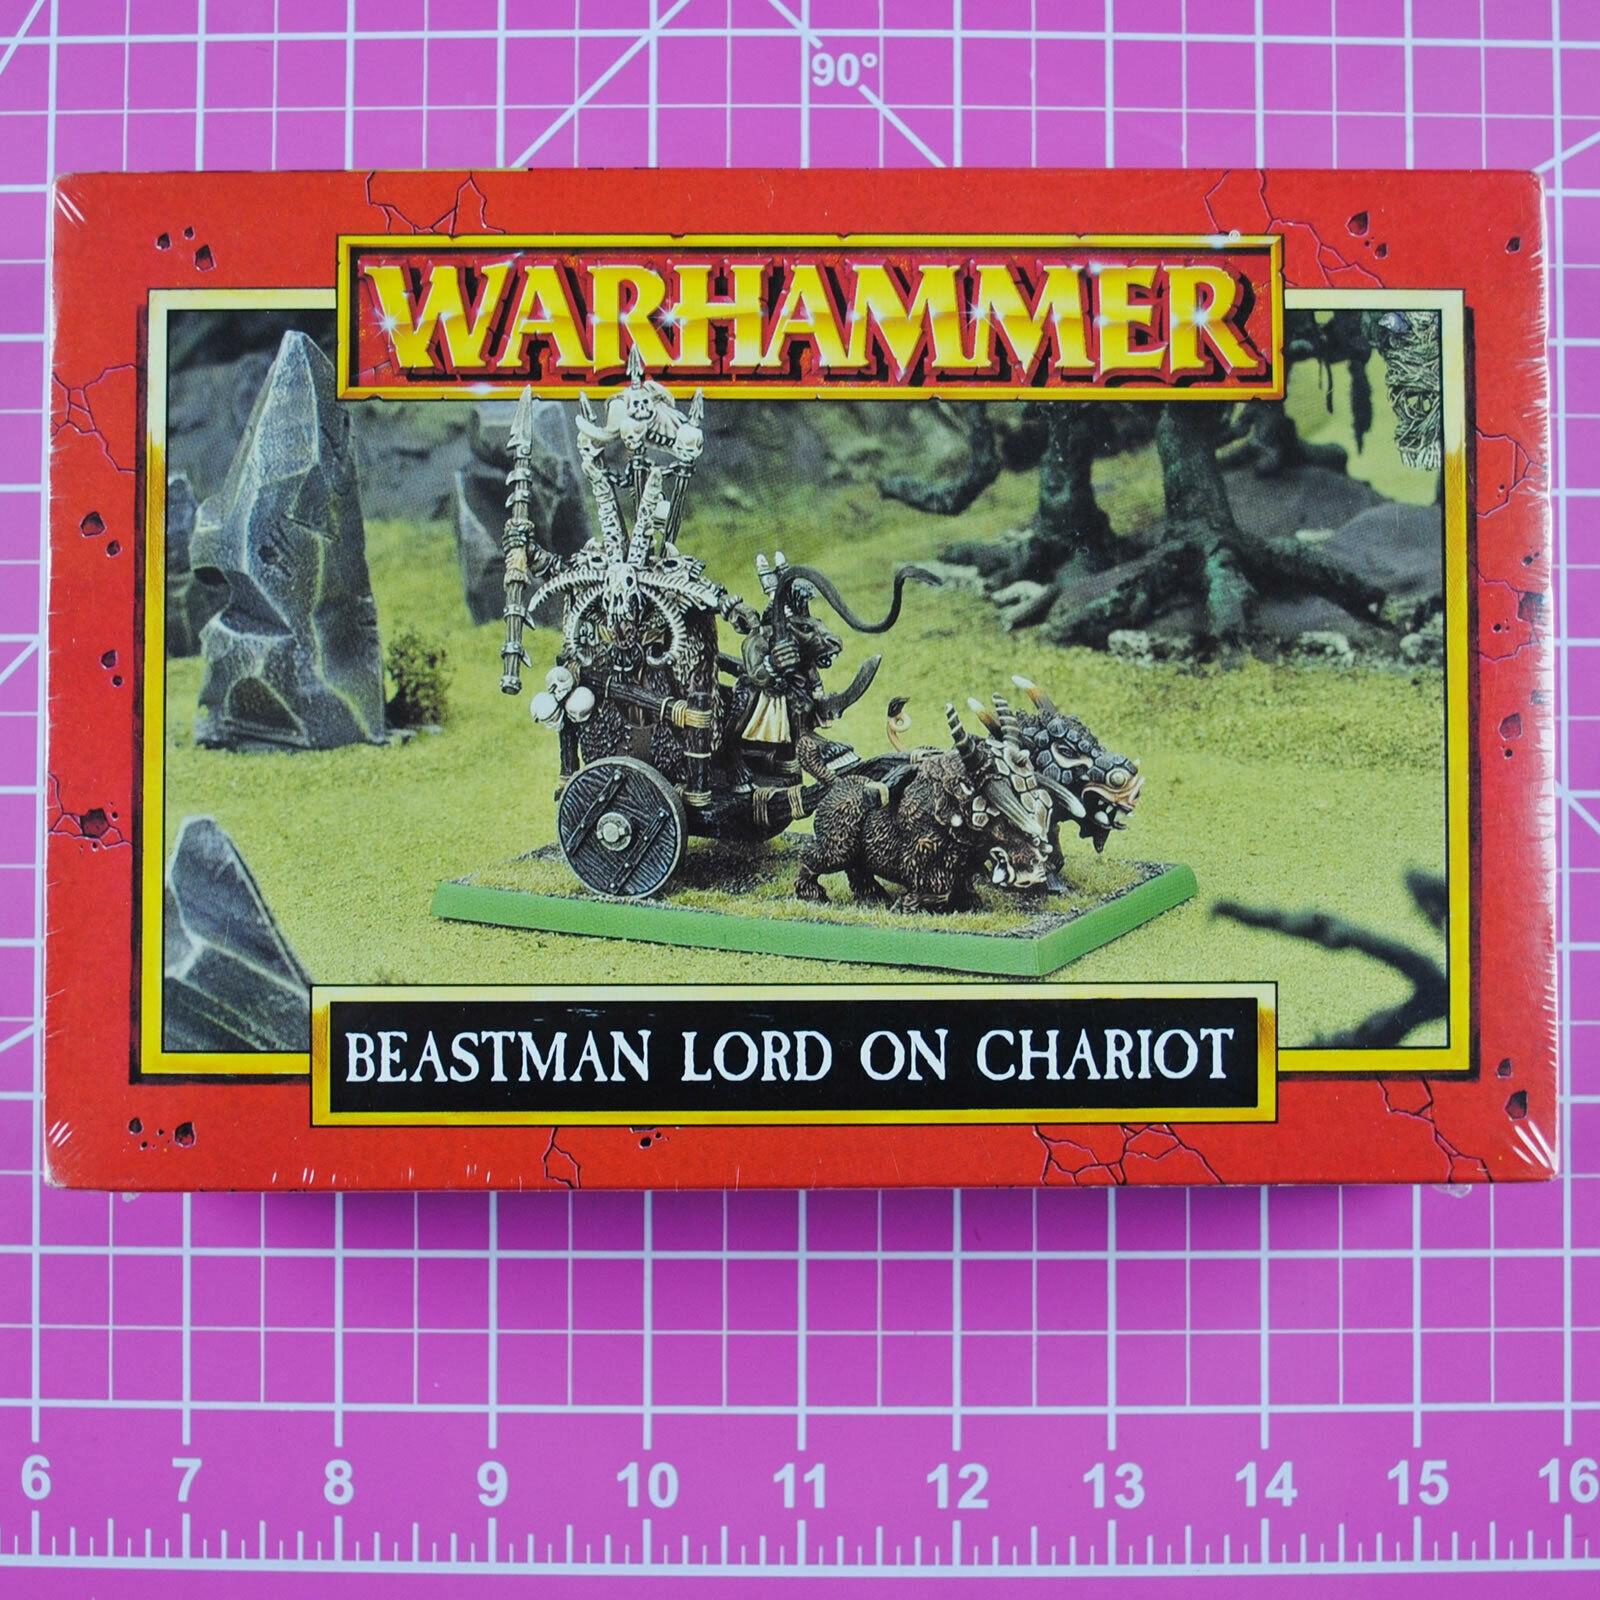 Warhammer Gorthor The Beastlord on Chariot Metal OOP Citadel Chaos Beastmen Lord